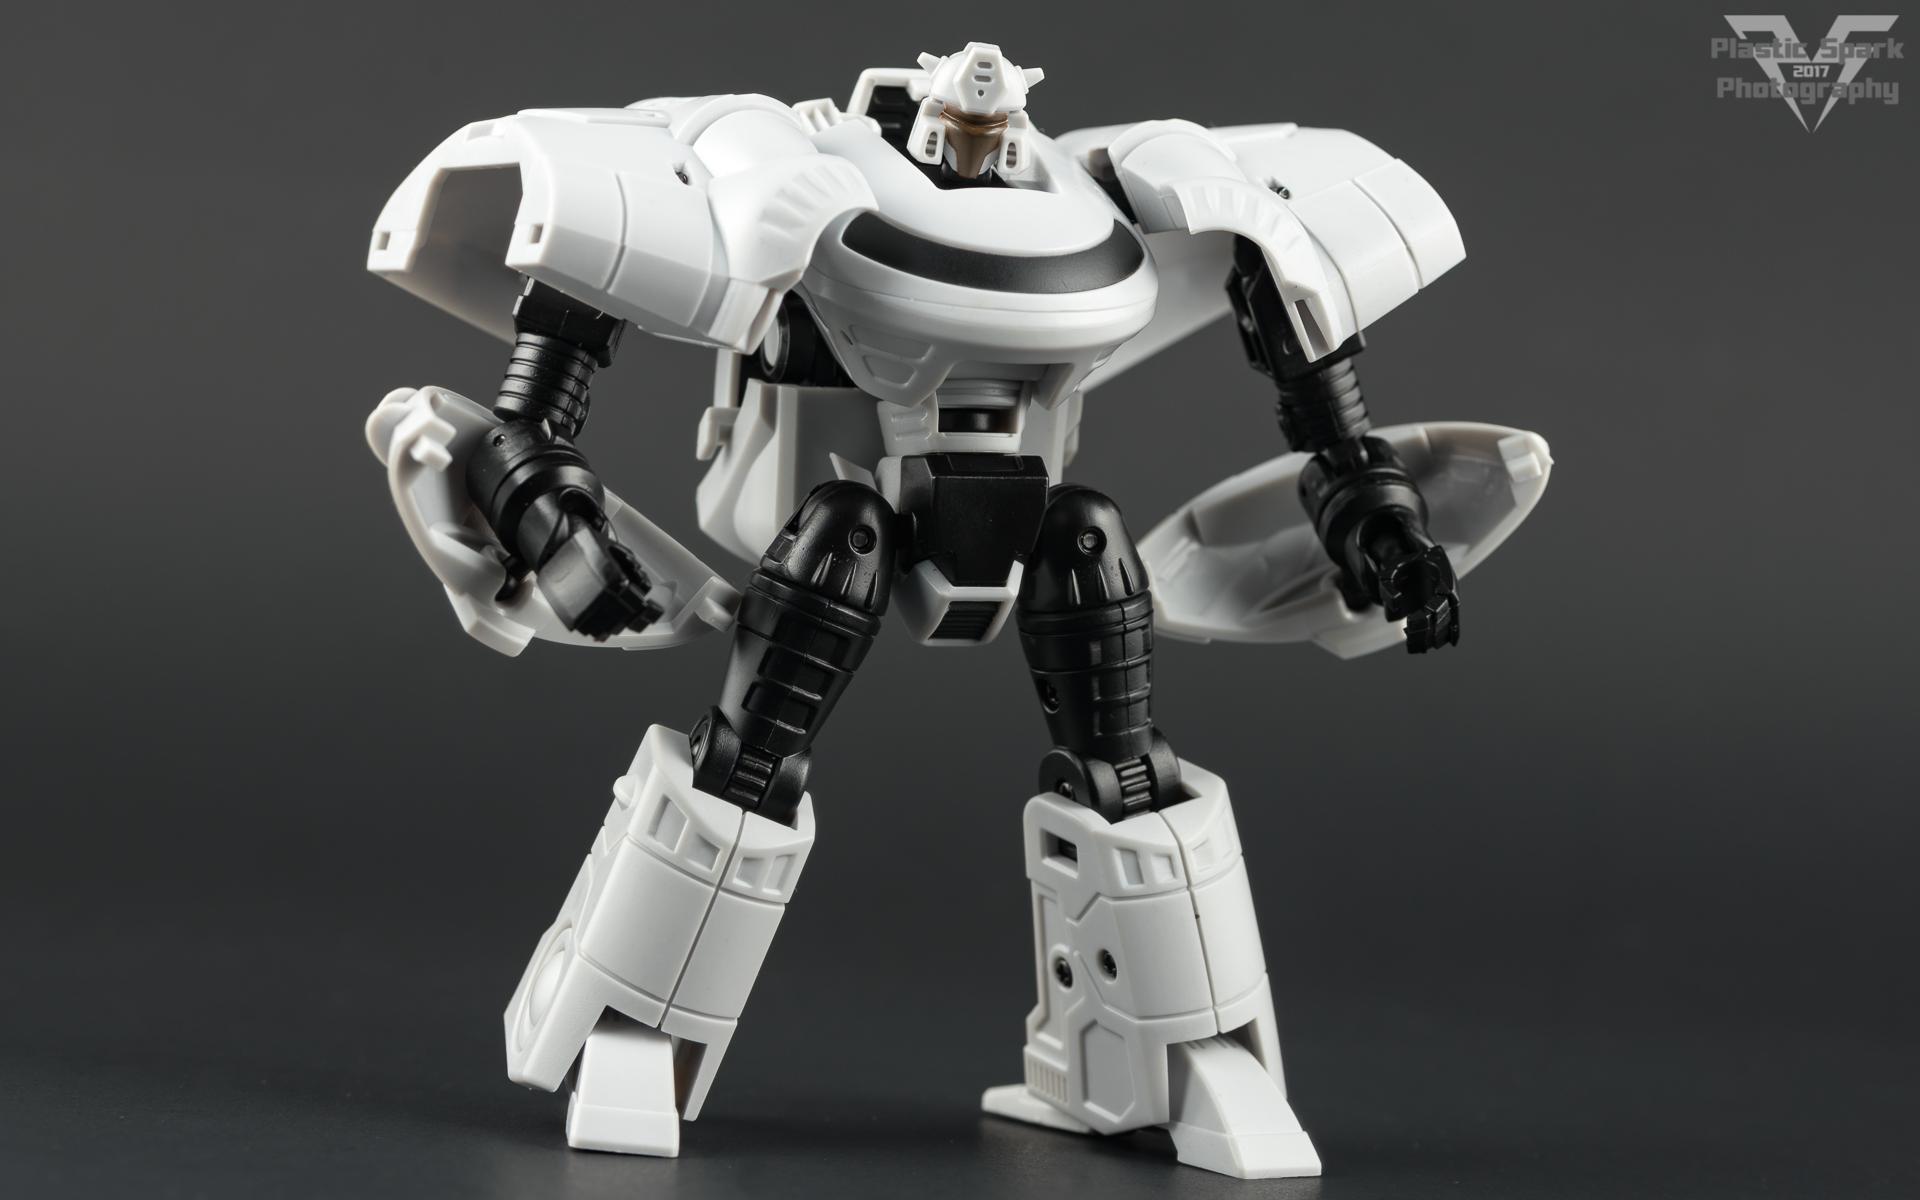 MAAS-Toys-Volk-(14-of-36).png